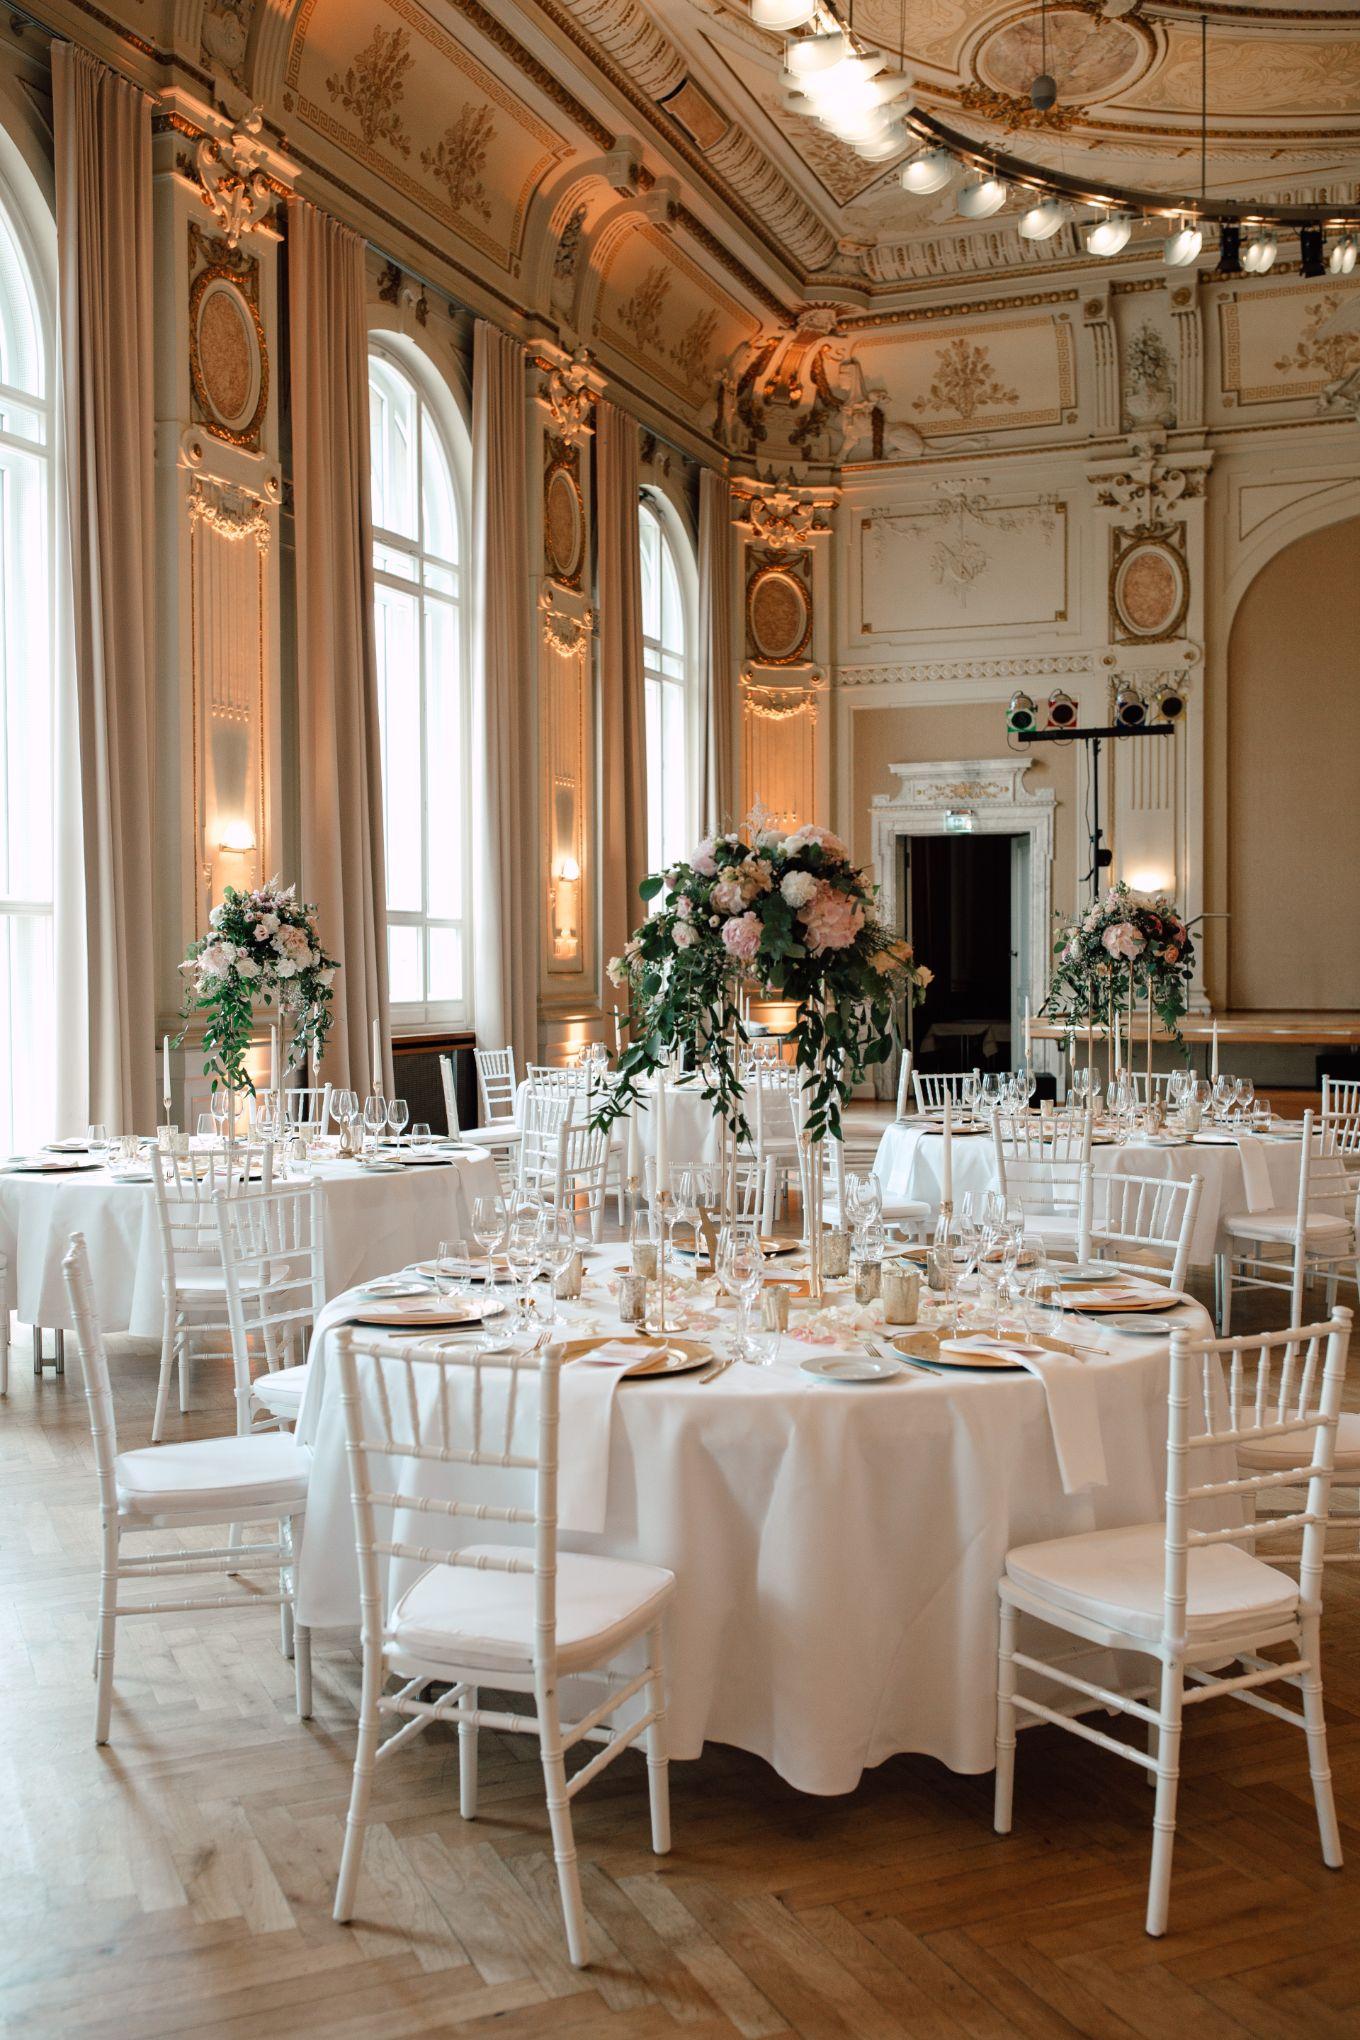 Hochzeit-Historische-Stadthalle-Wuppertal-The-Saums-KN-37.jpg